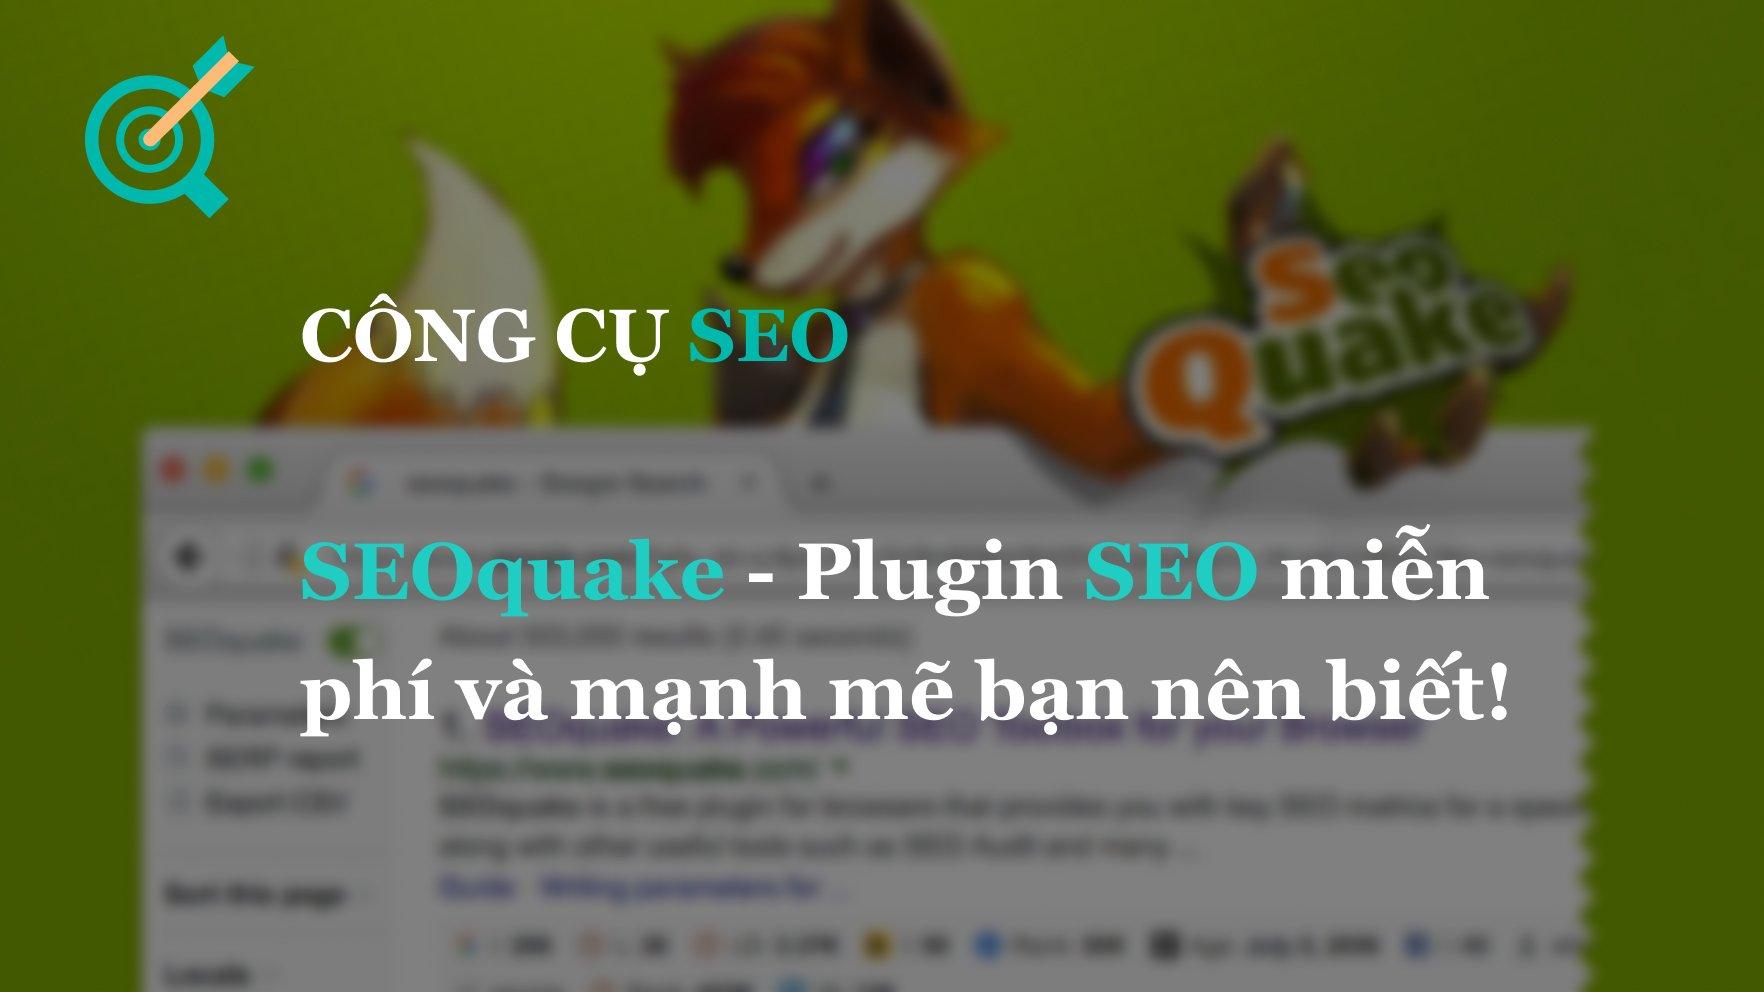 SEOquake – Plugin SEO miễn phí và mạnh mẽ bạn nên biết!